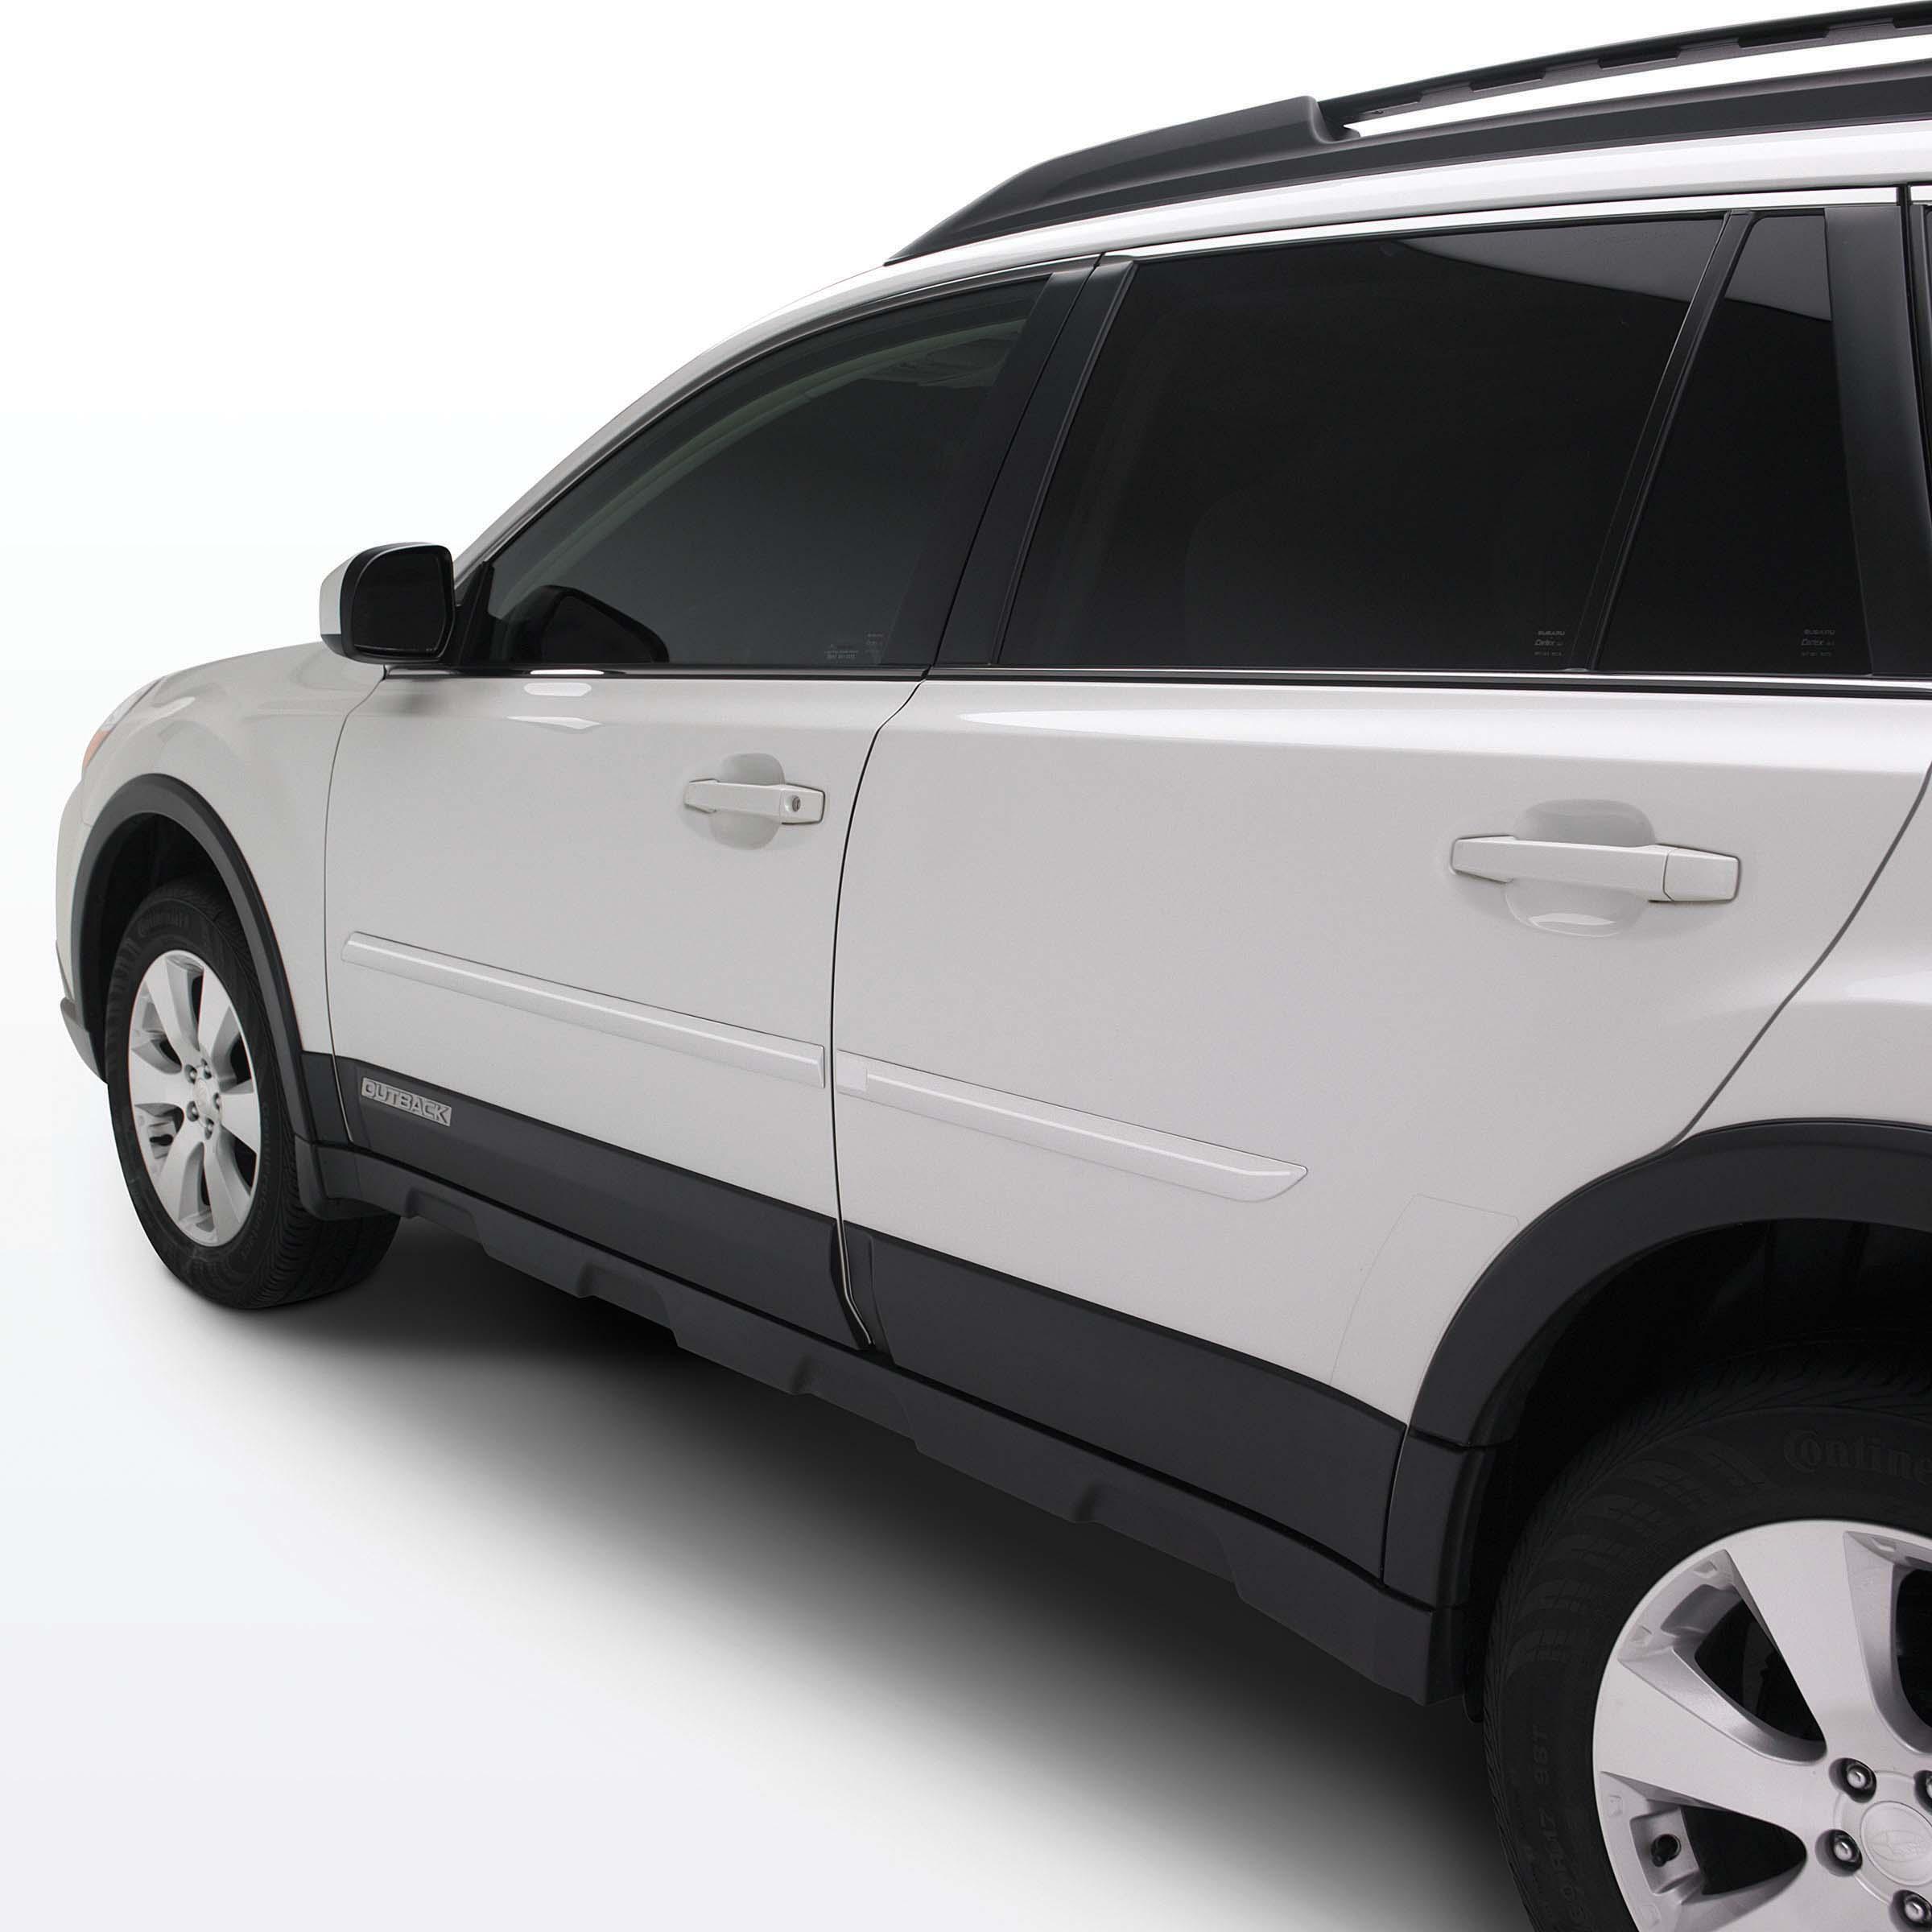 2015 Subaru Legacy Body Side Molding Crystal Black Silica